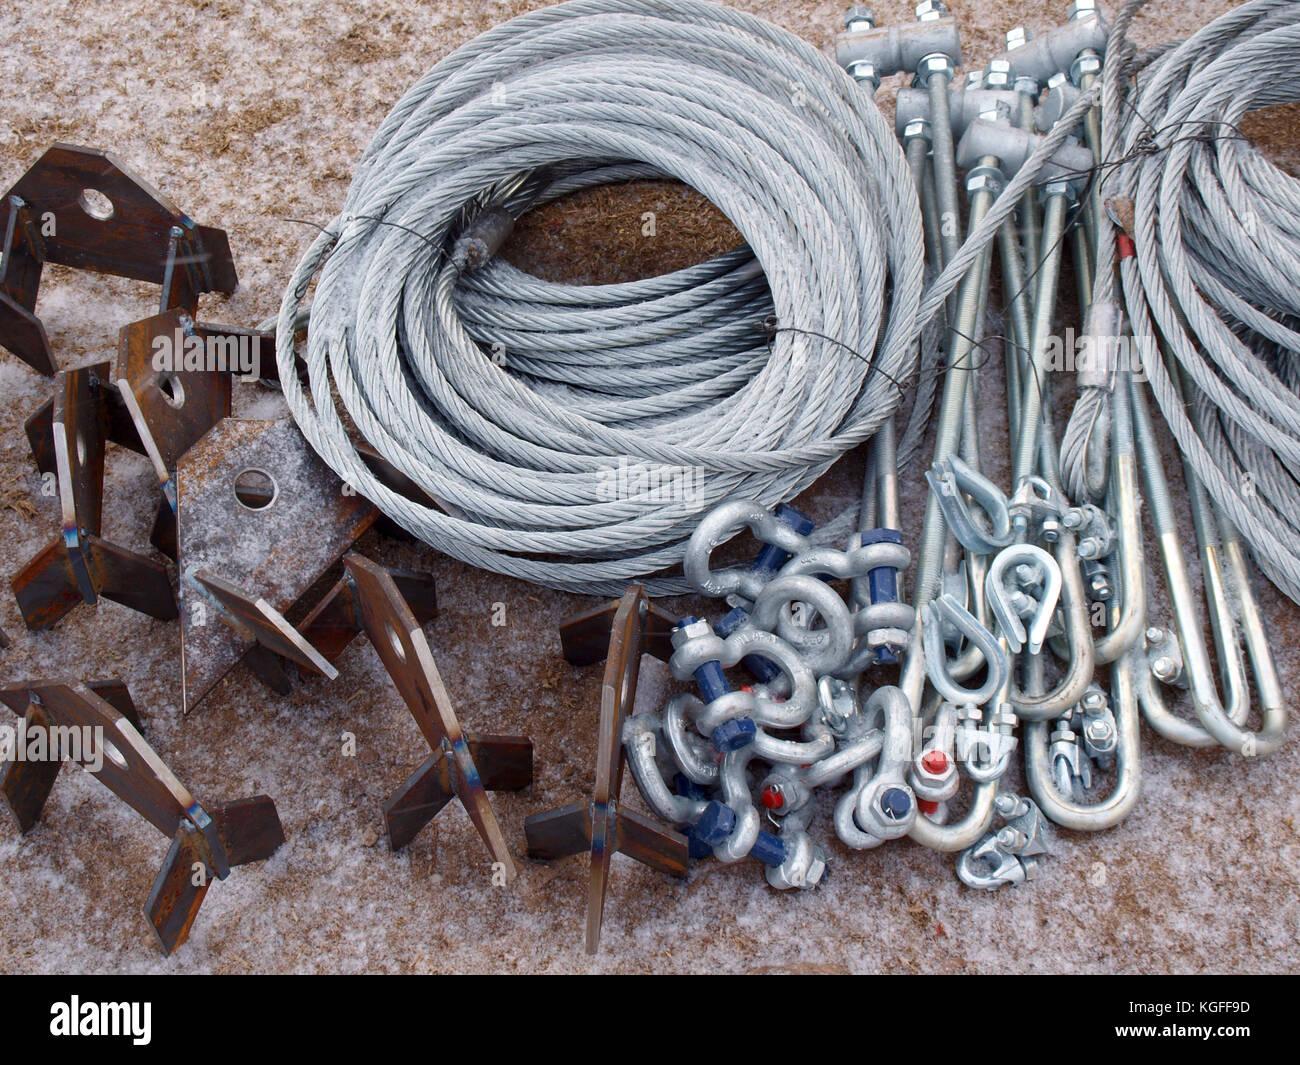 Wire Nuts Stockfotos & Wire Nuts Bilder - Alamy